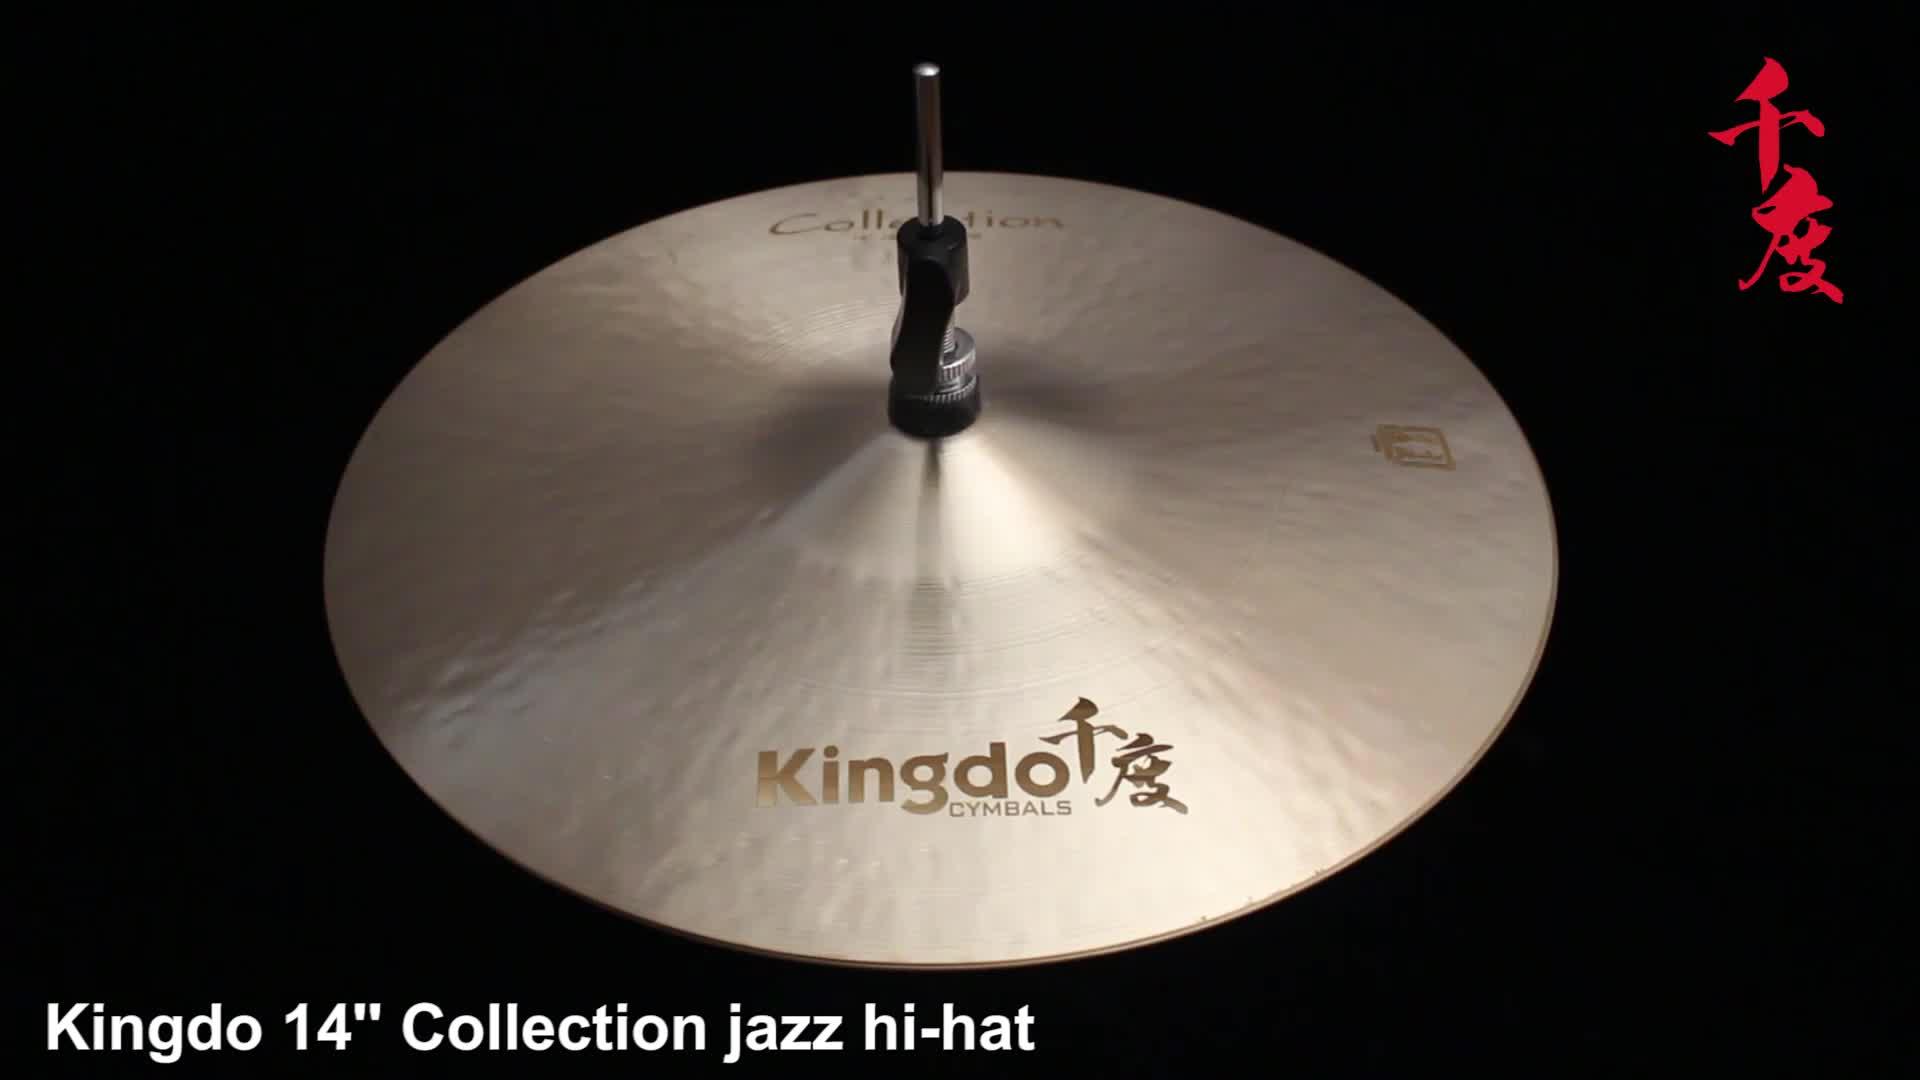 Handmade Âm Nhạc Cụ Percusion B20 Chuyên Nghiệp Cymbal Thiết Lập Để